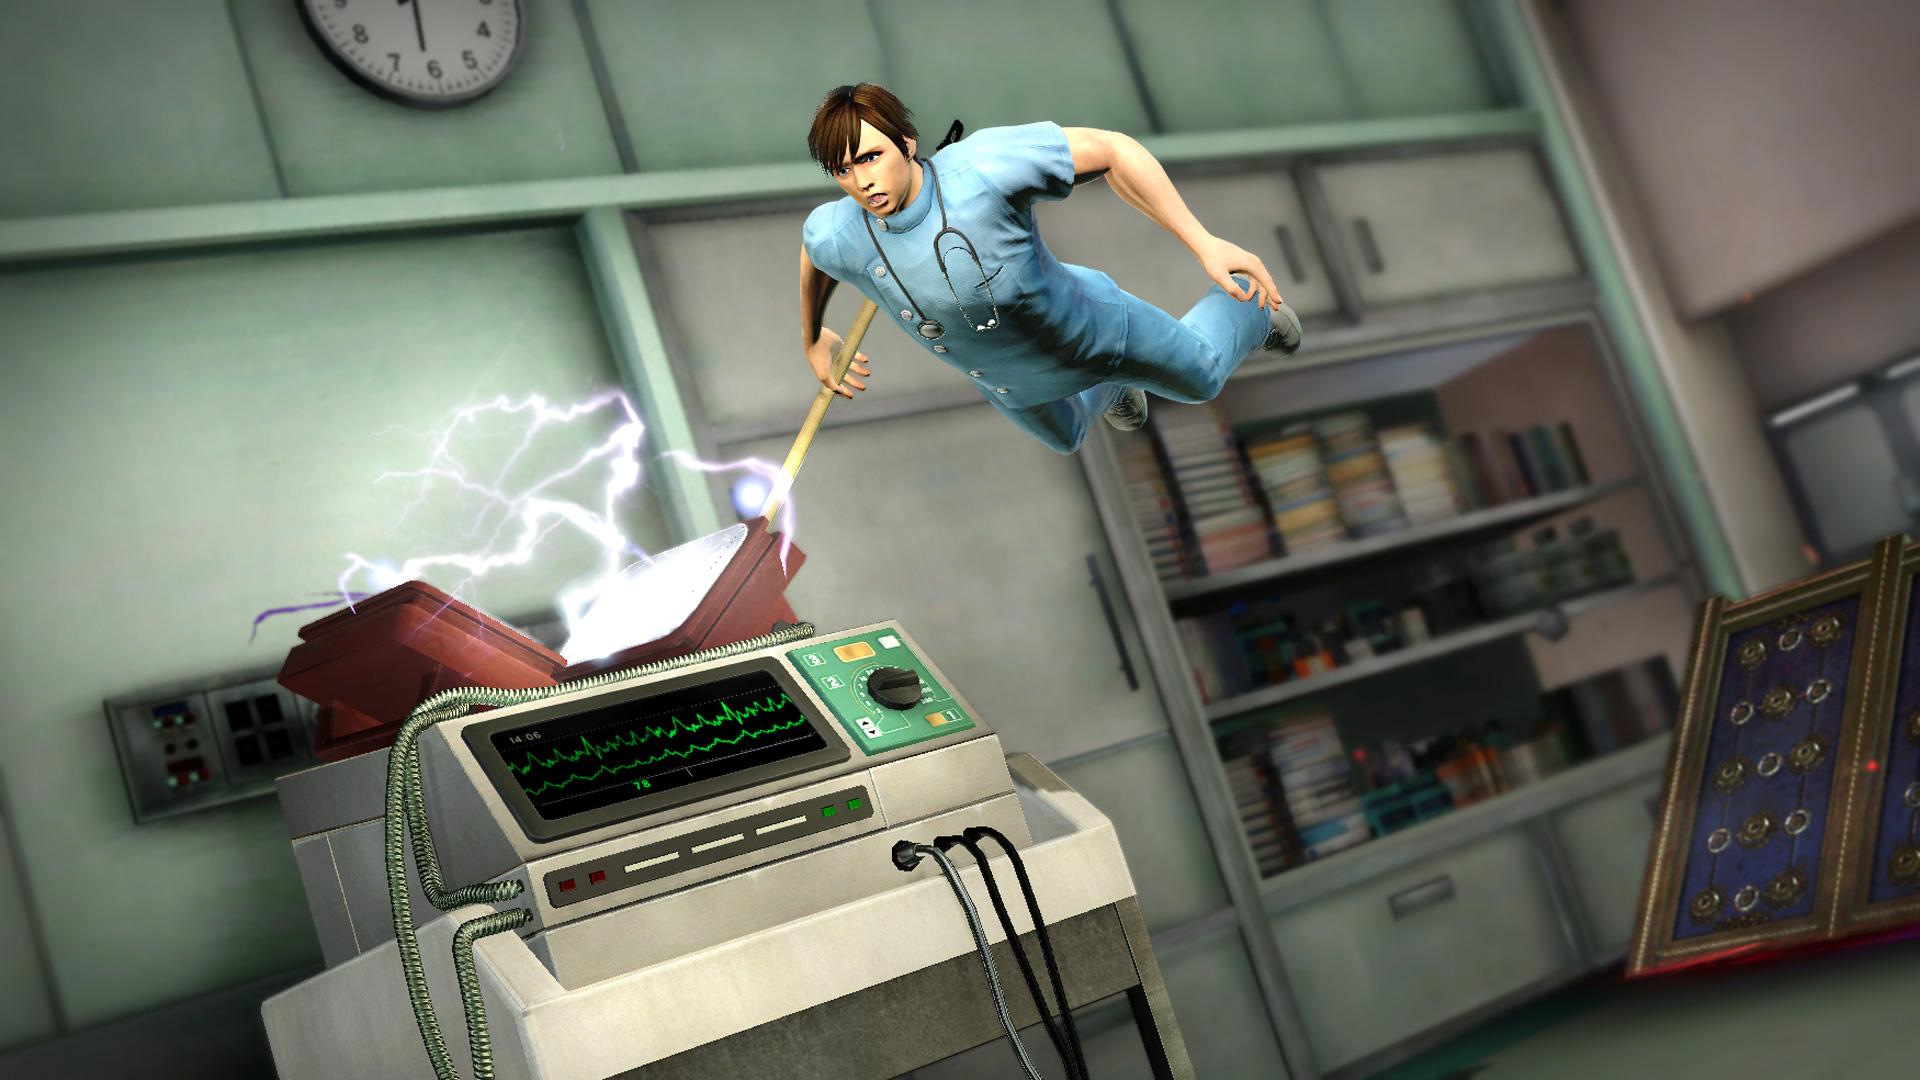 仕掛け「電気ショック」電気ショックに向かって敵をとばし、電気ショックにヒットすると、電撃痺れ状態で跳ね返ってくる